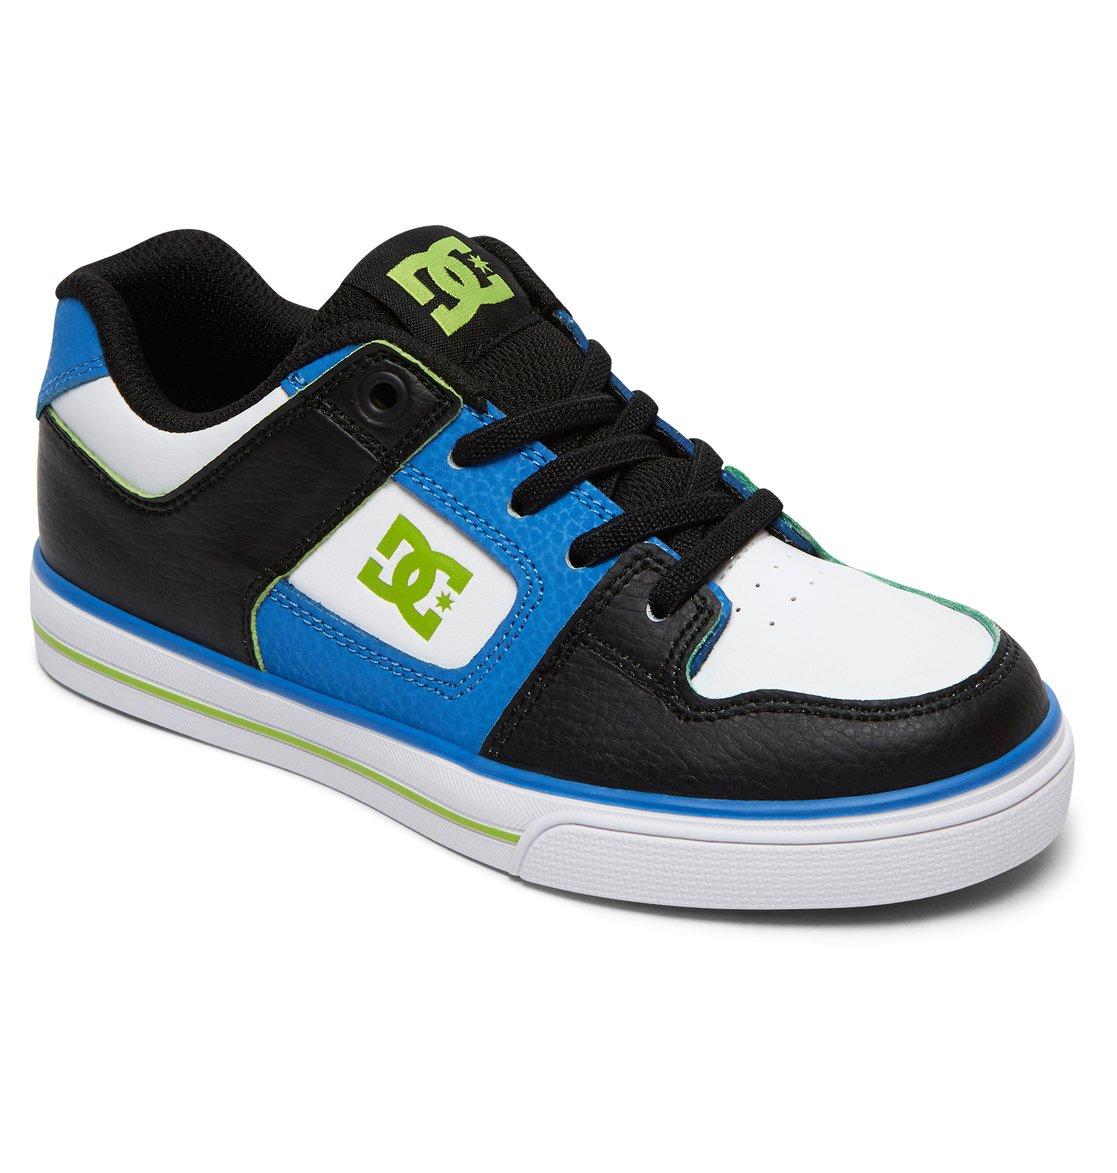 DC Shoes Pure Elastic Se B Shoe Xbkw Shoes. QCCtgmeKj